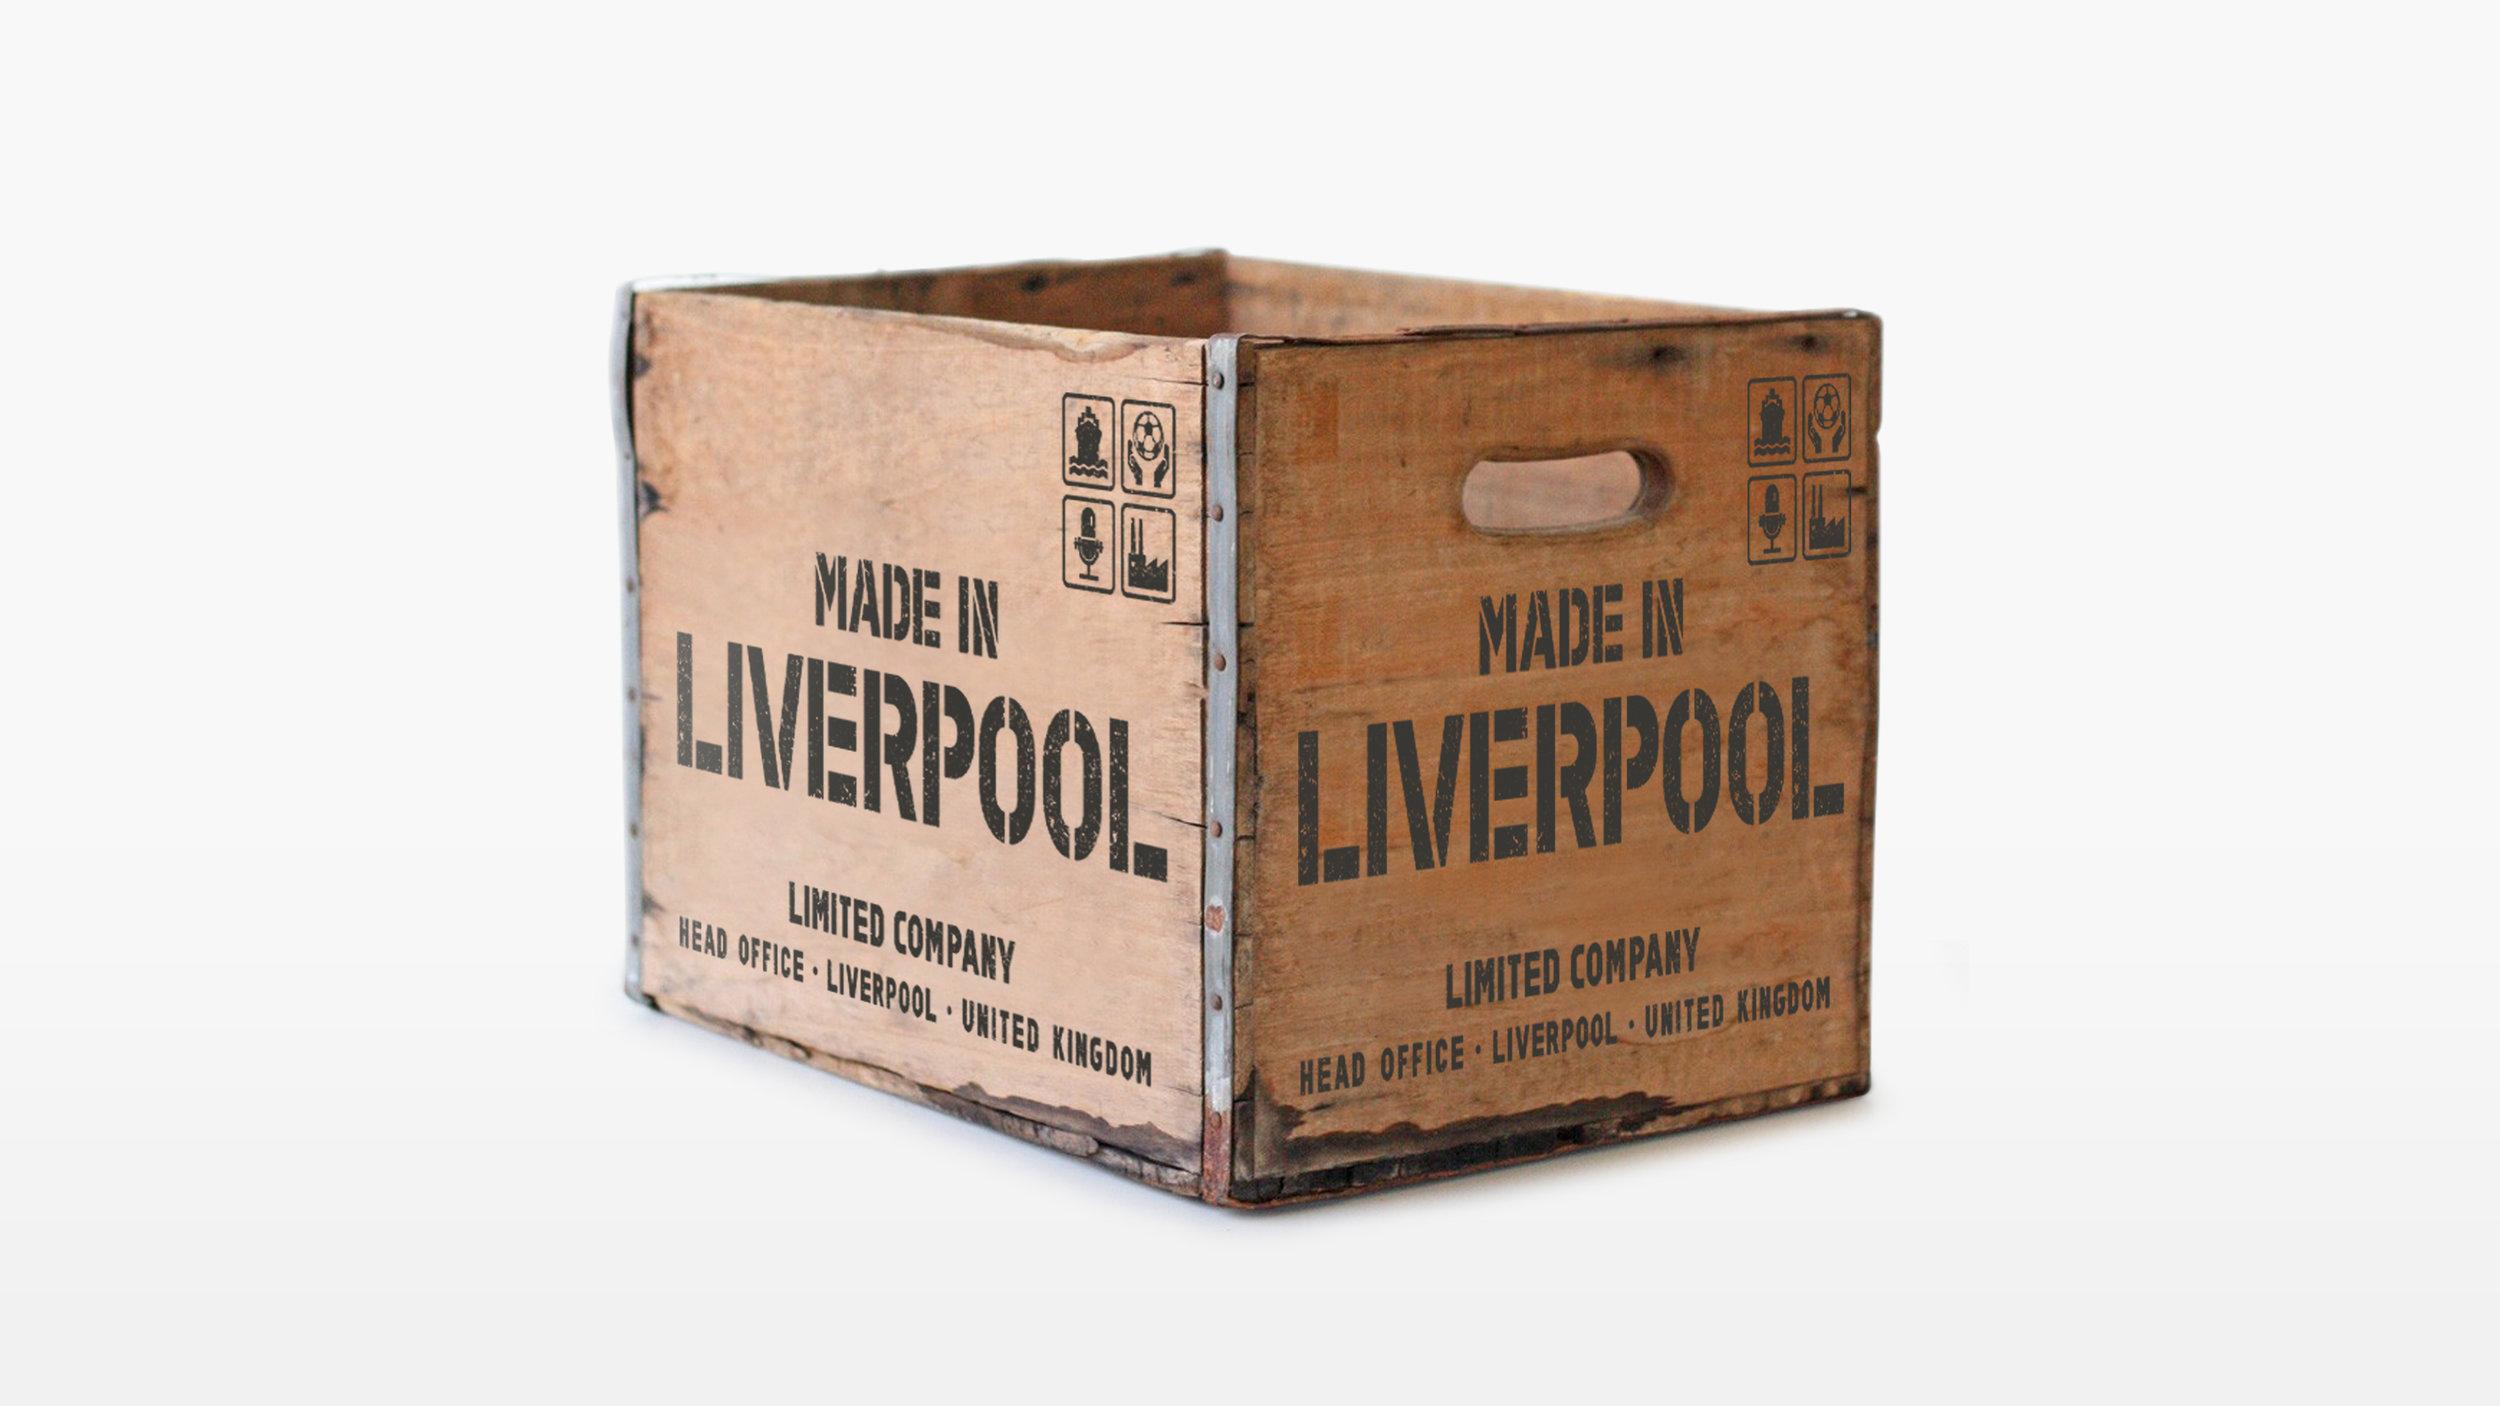 Brand_republica_Made_In_Liverpool_logo_design.jpg